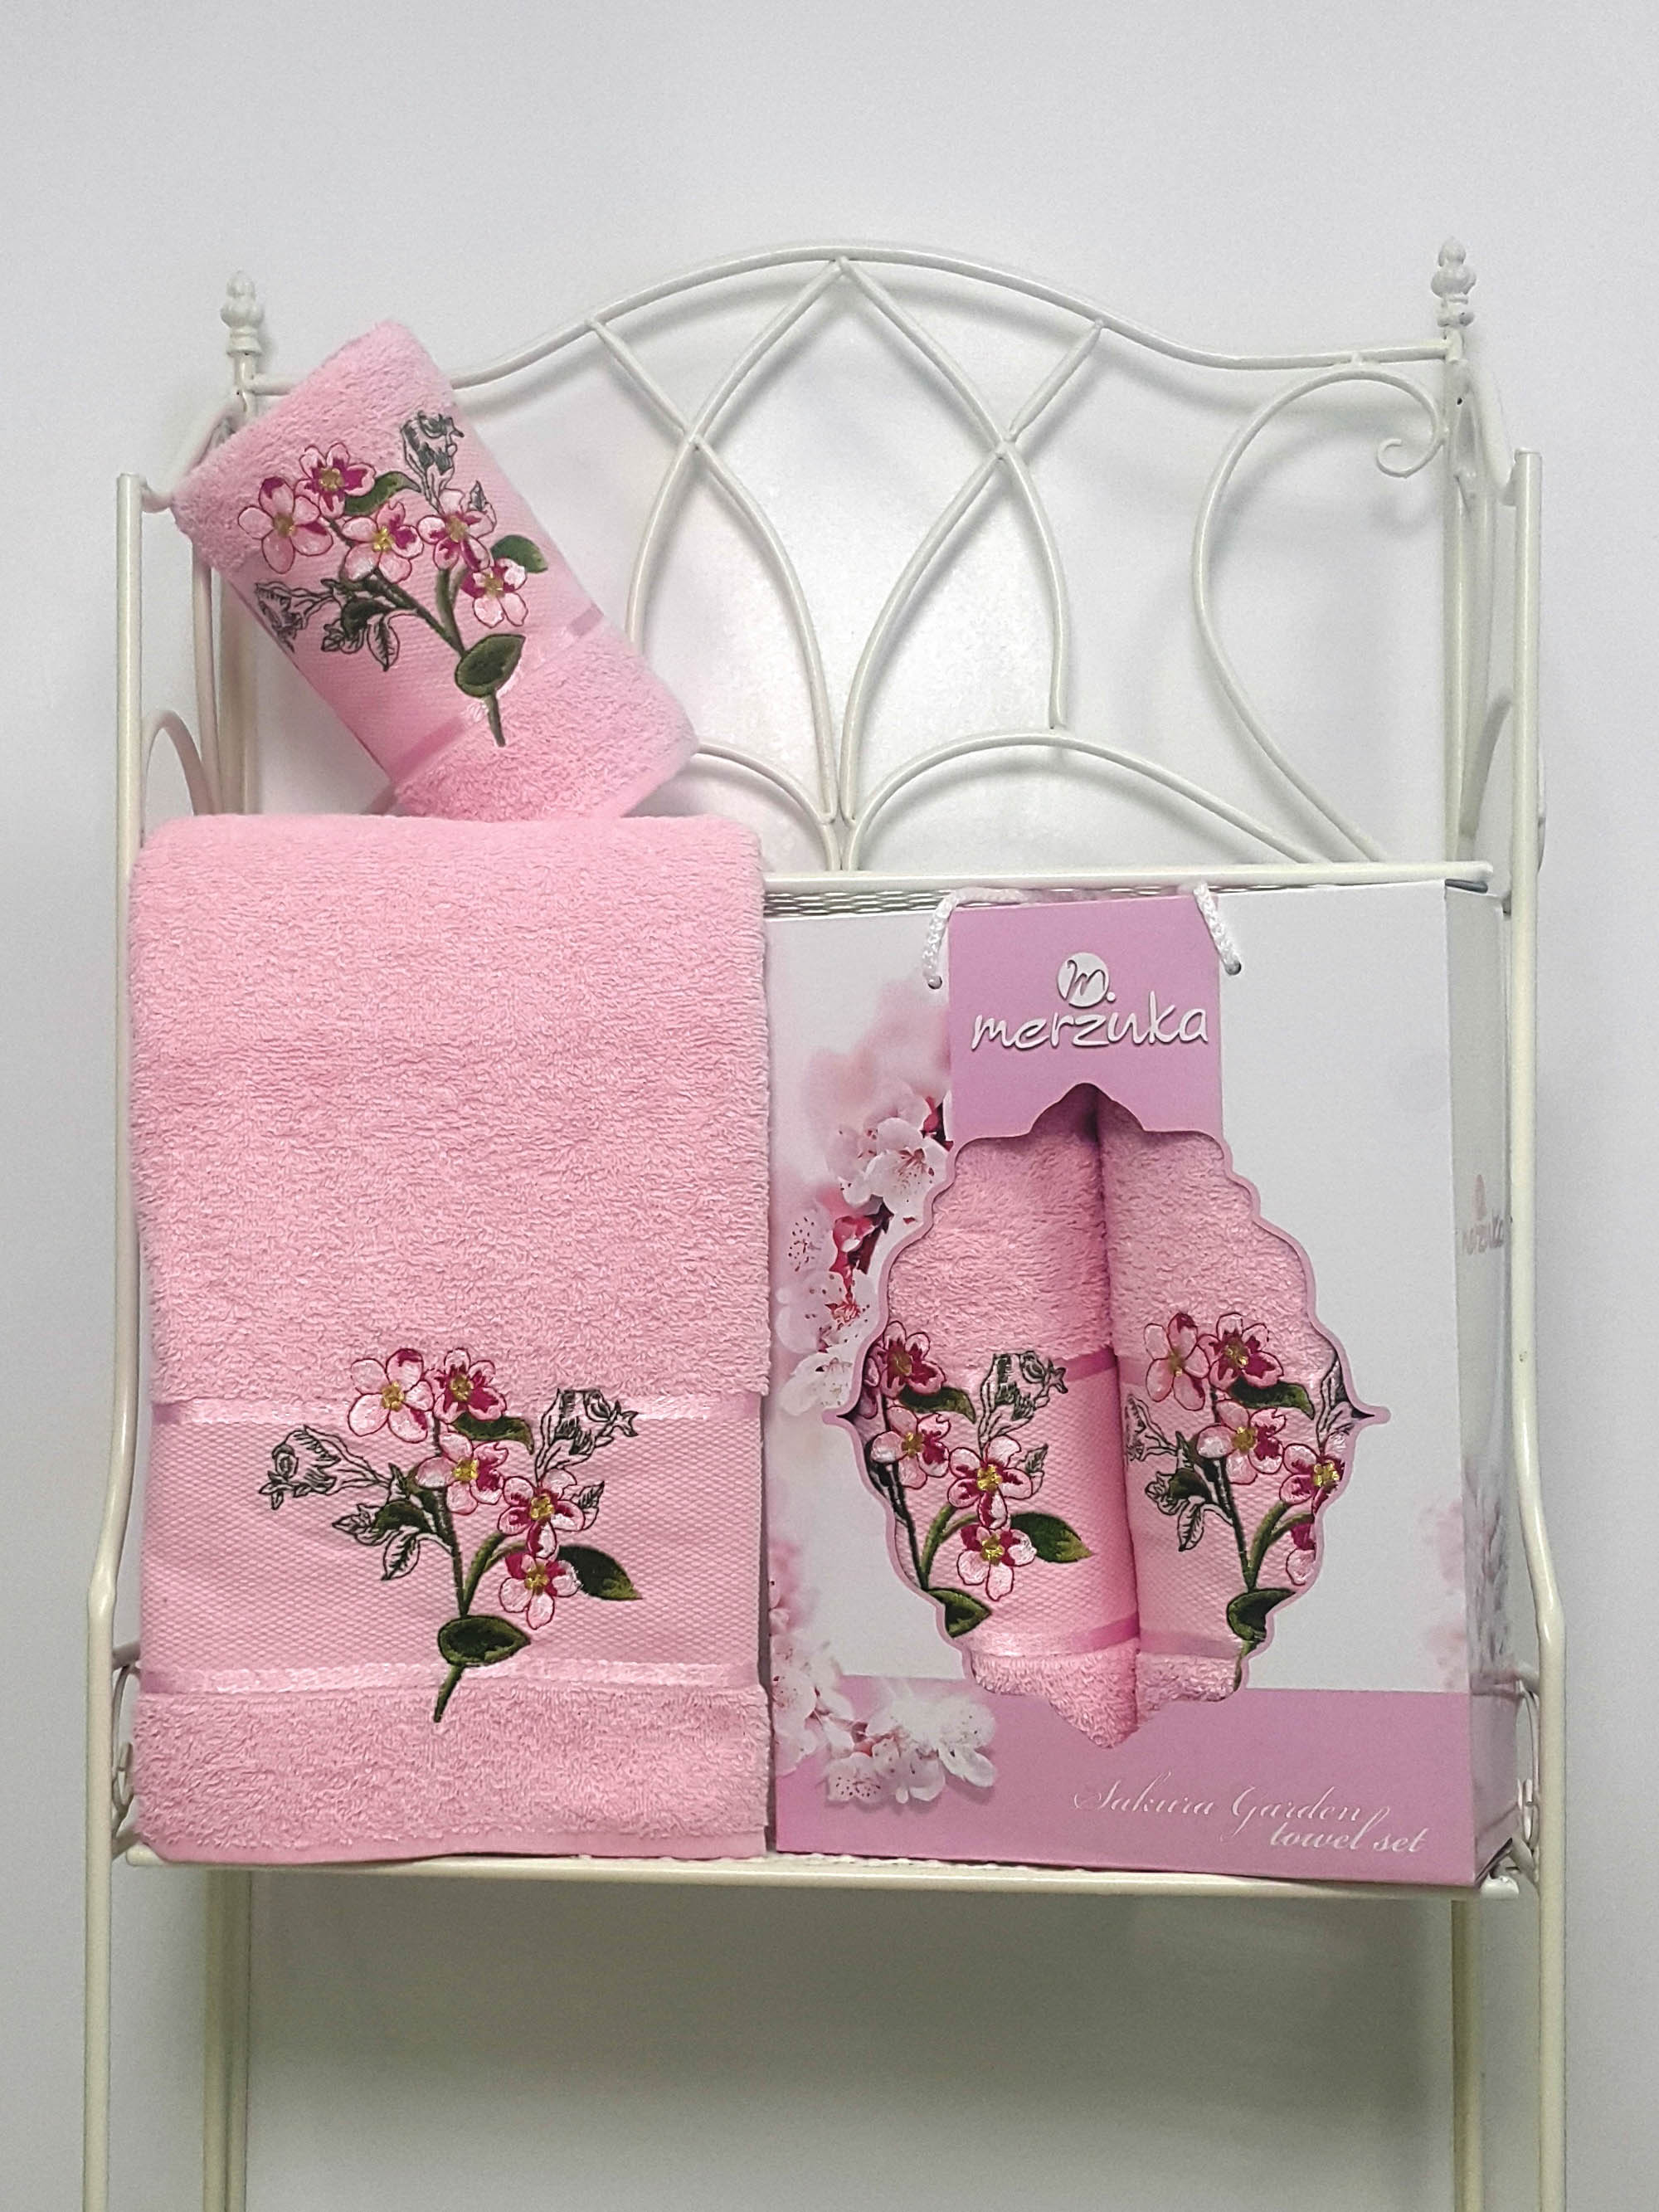 Полотенца Oran Merzuka Набор из 2 полотенец Sakura Garden Цвет: Светло-Розовый полотенца oran merzuka набор из 3 полотенец sakura цвет зелёный